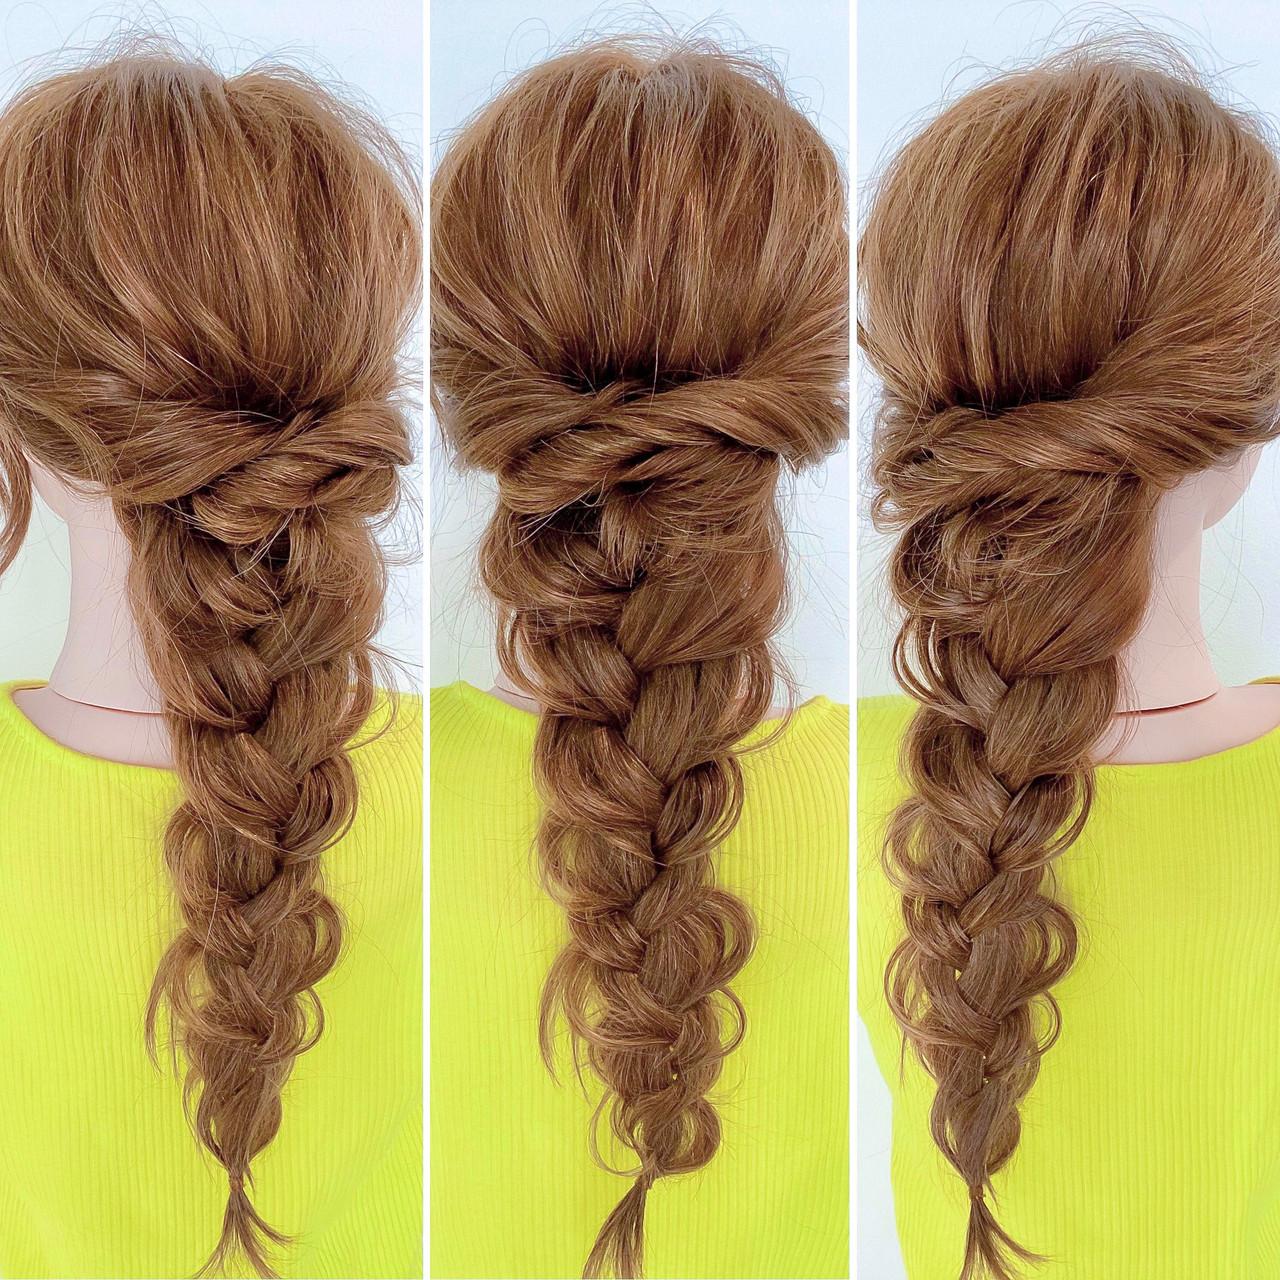 ロング フェミニン 編み込み ヘアアレンジ ヘアスタイルや髪型の写真・画像